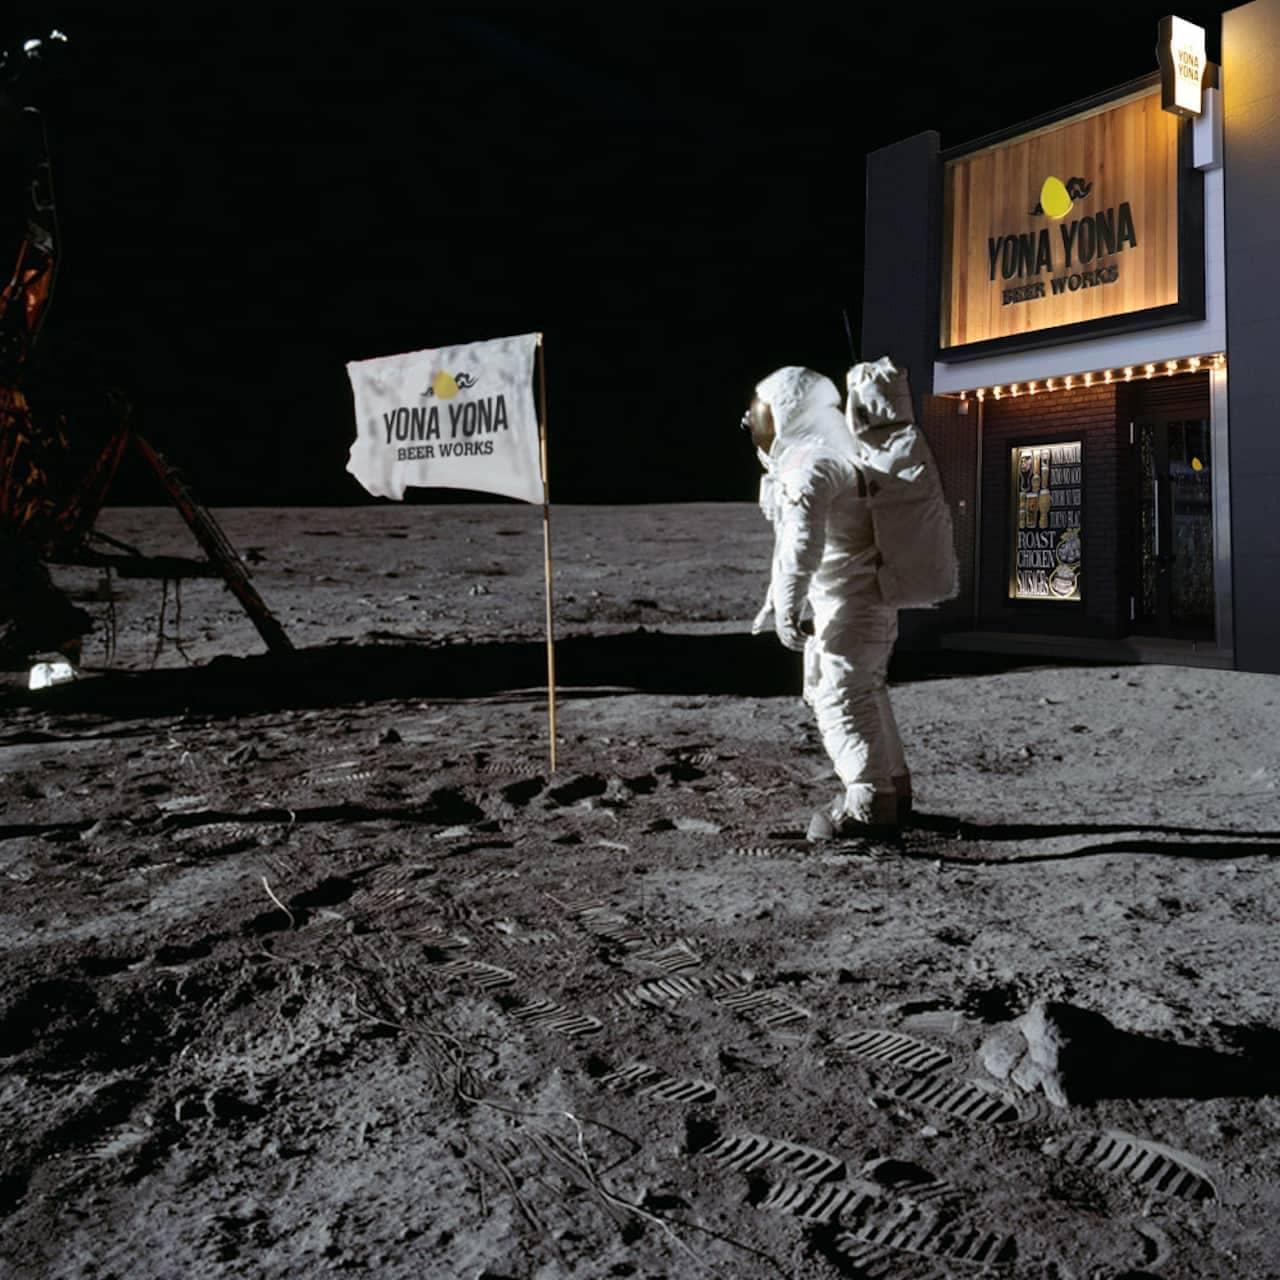 よなよなビアワークス「月面支店」